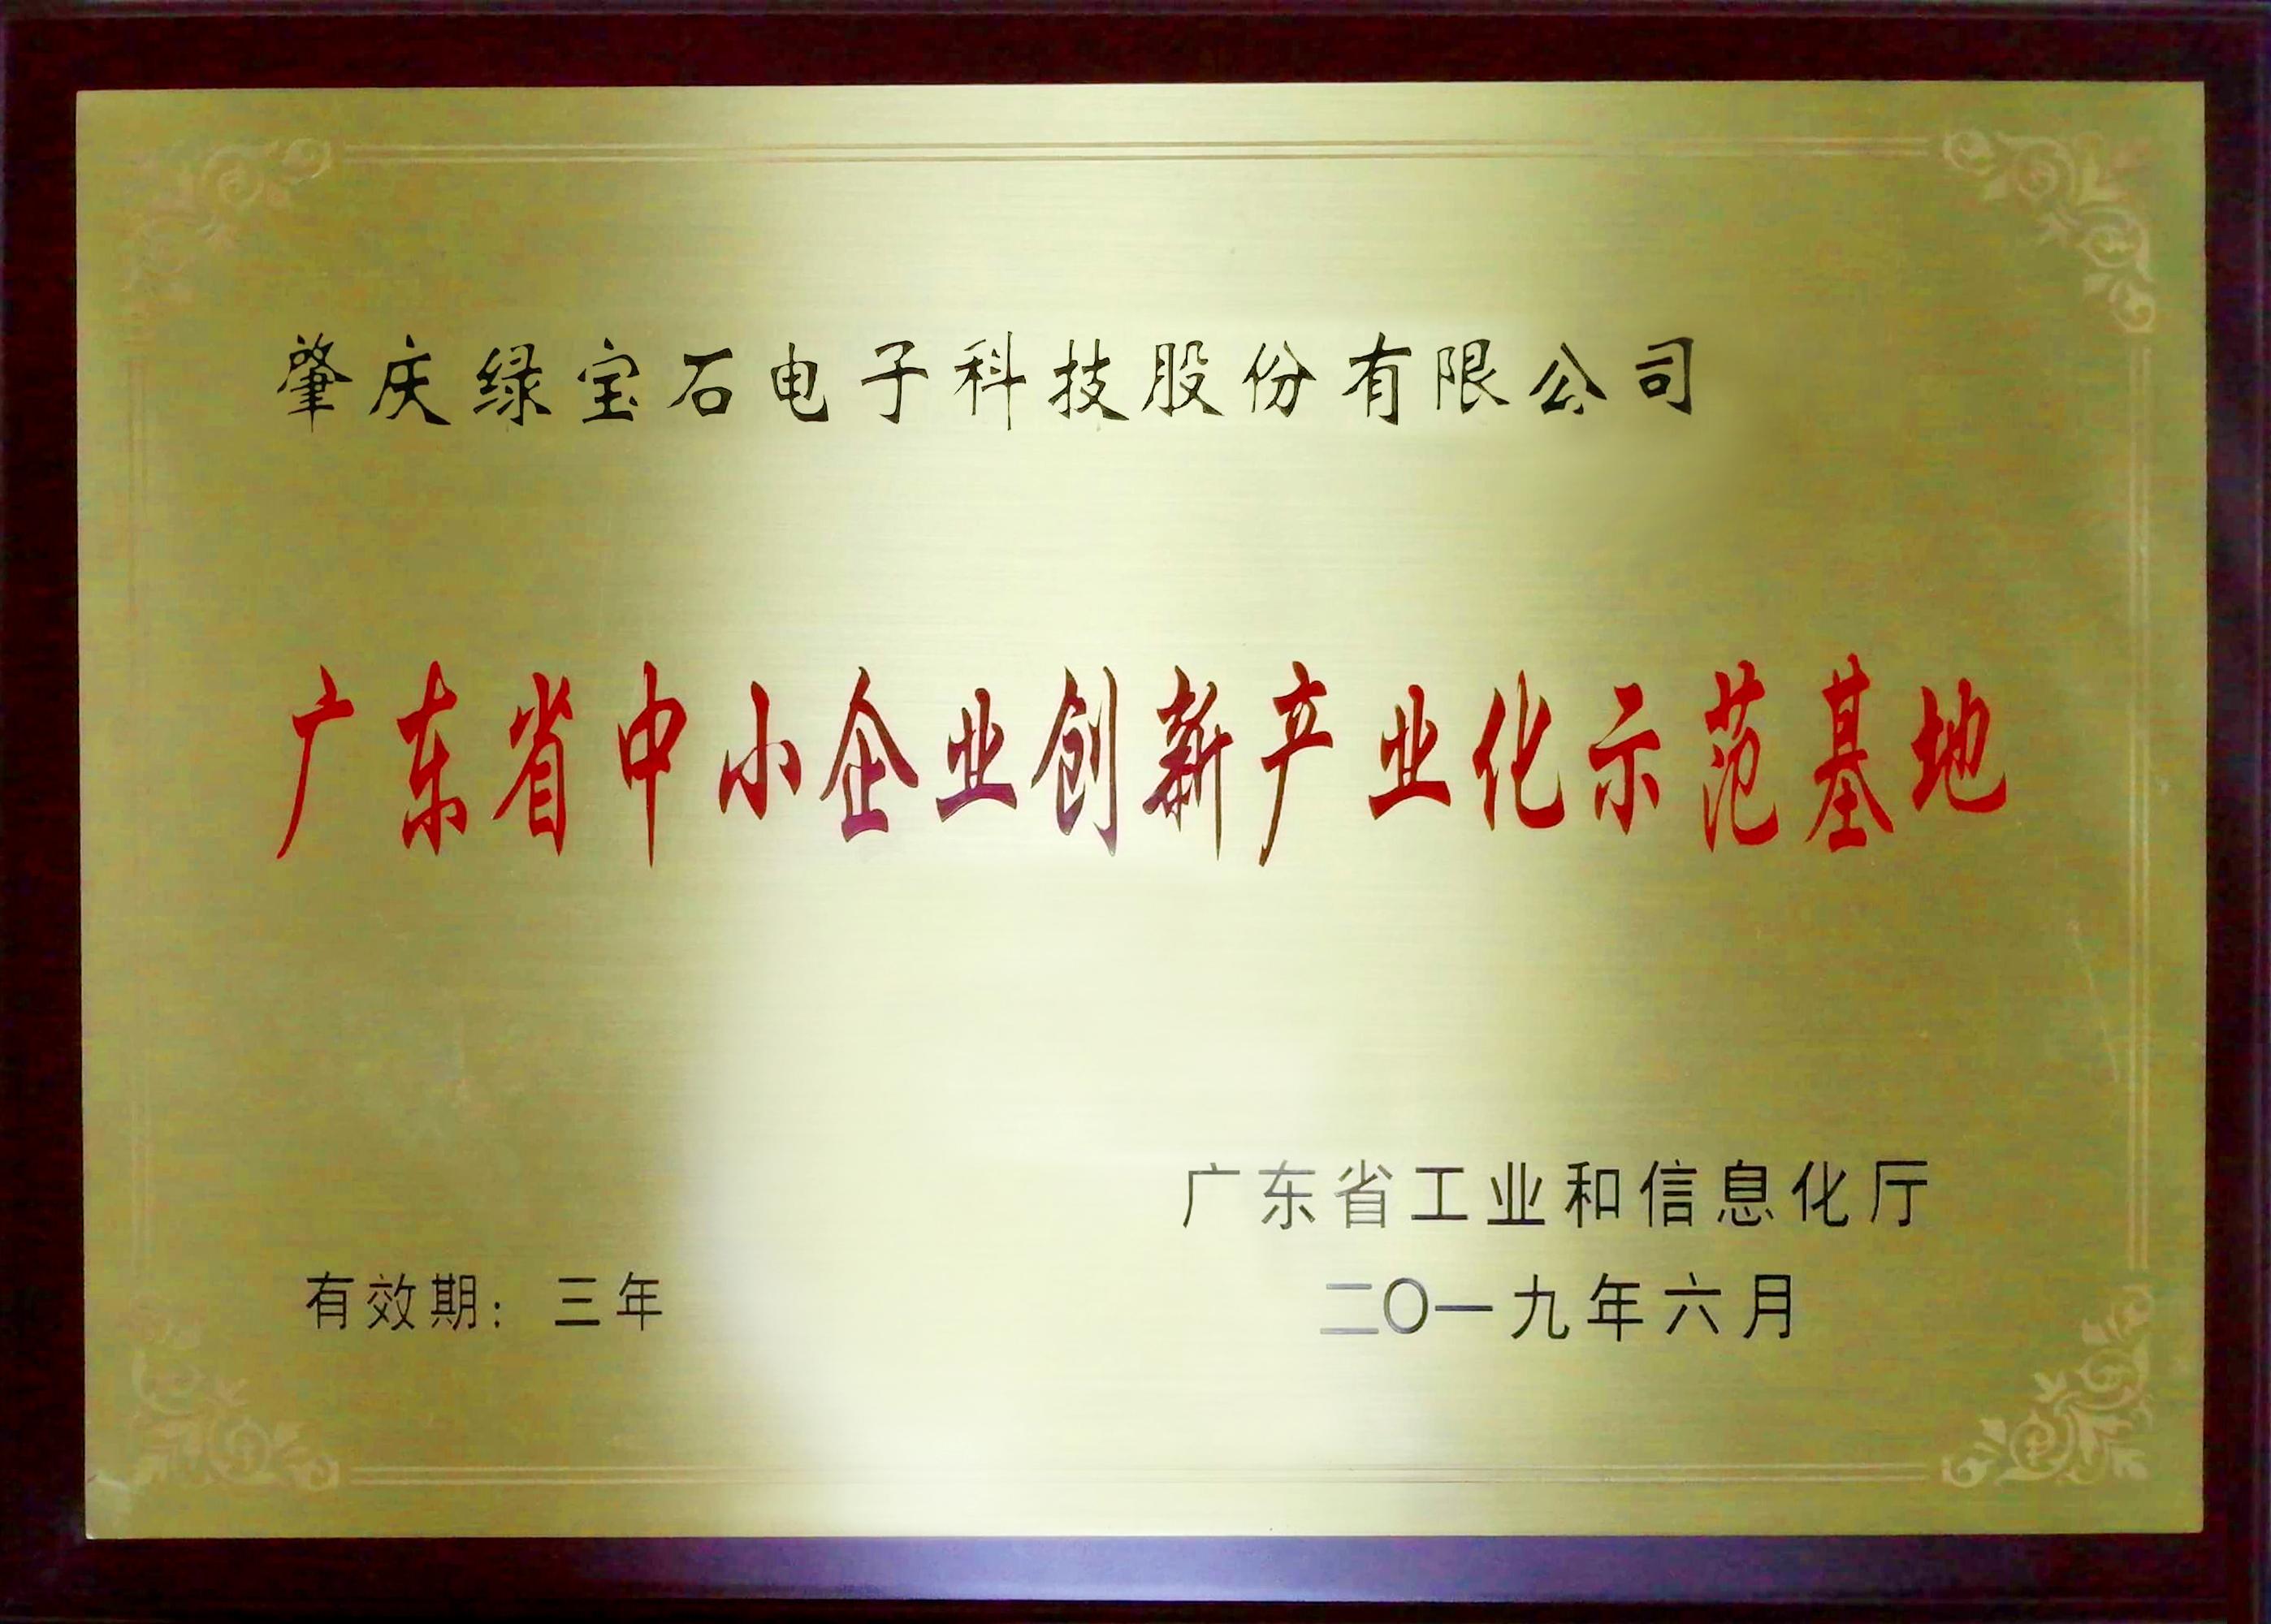 大事記1:2019年被認定為廣東省中小企業創新產業化示范基地